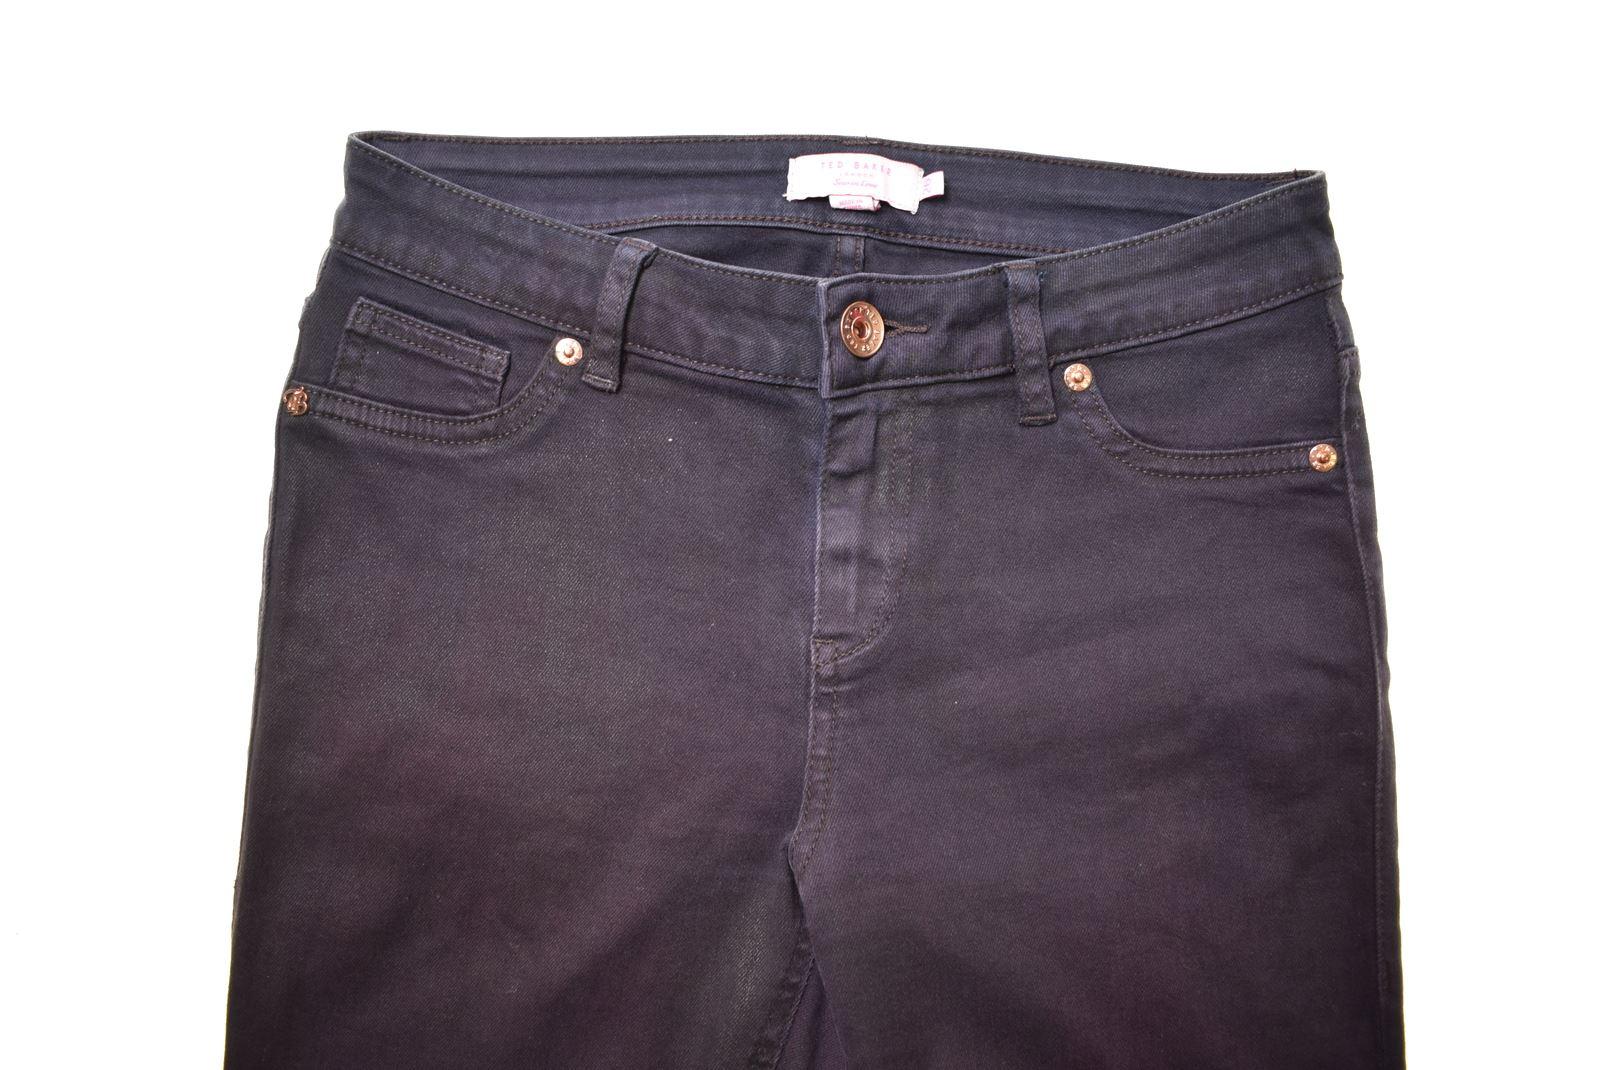 f62e5333 TED BAKER Womens Jeans W26 L29 Purple Cotton Skinny EY07 | eBay